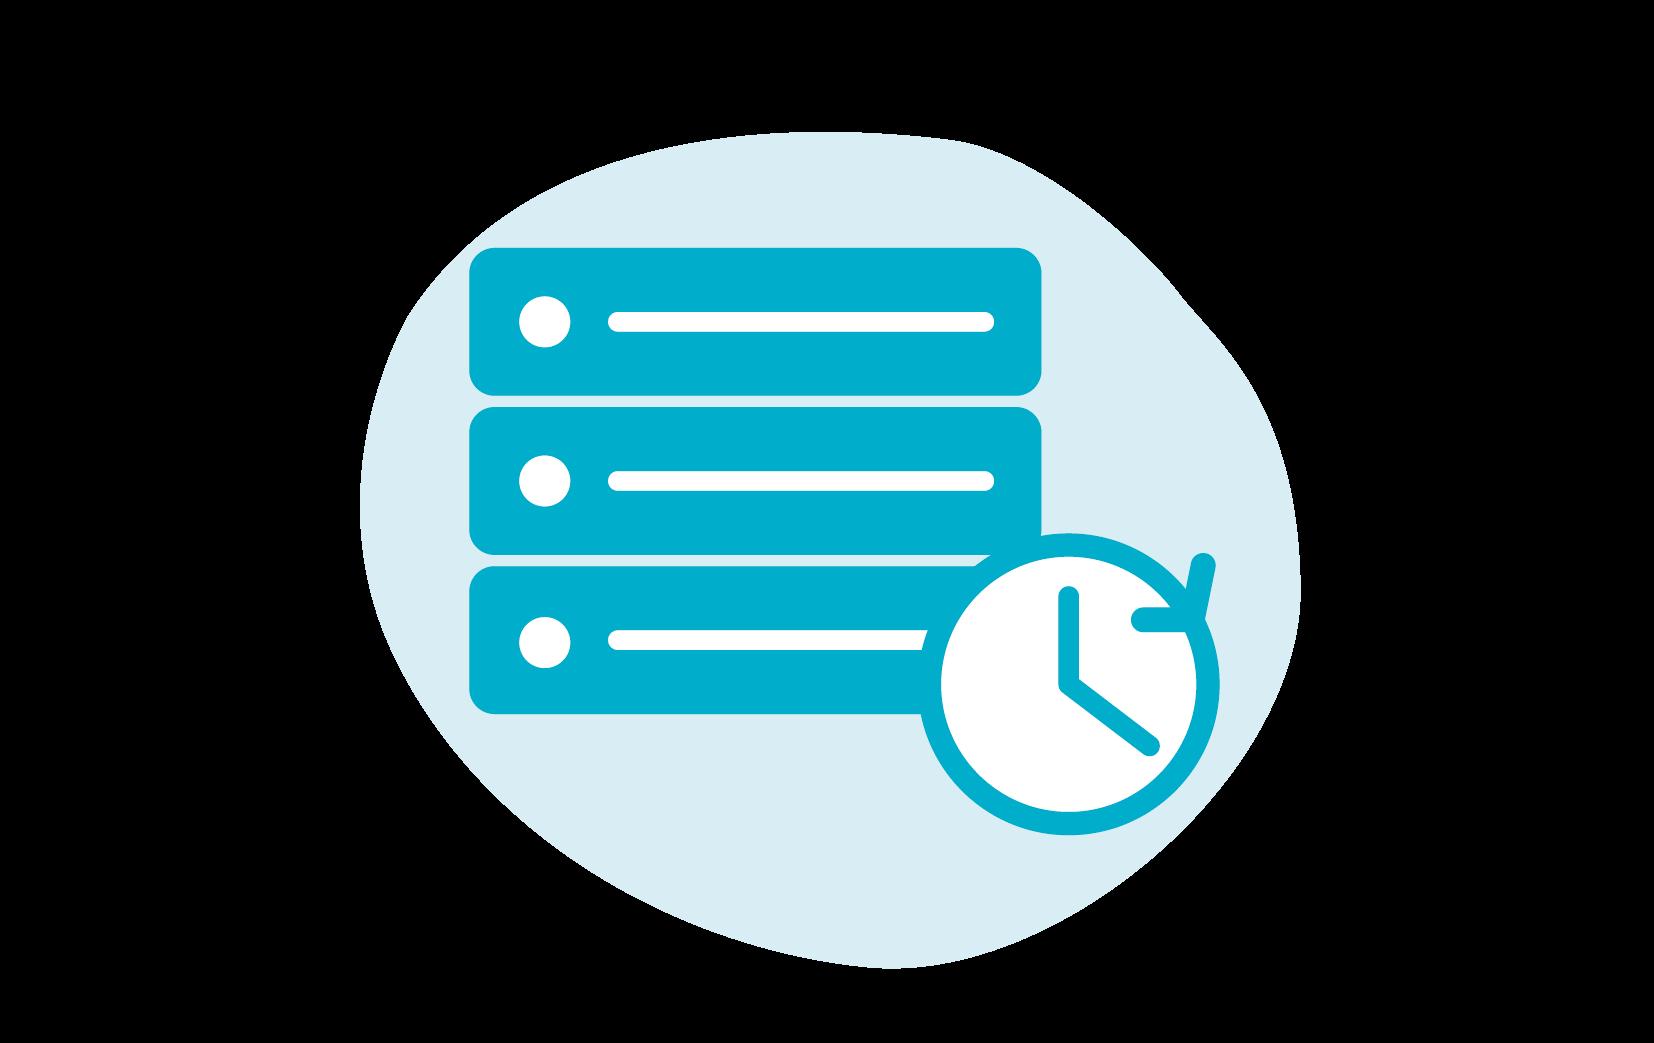 Icoon van een server met een klokje